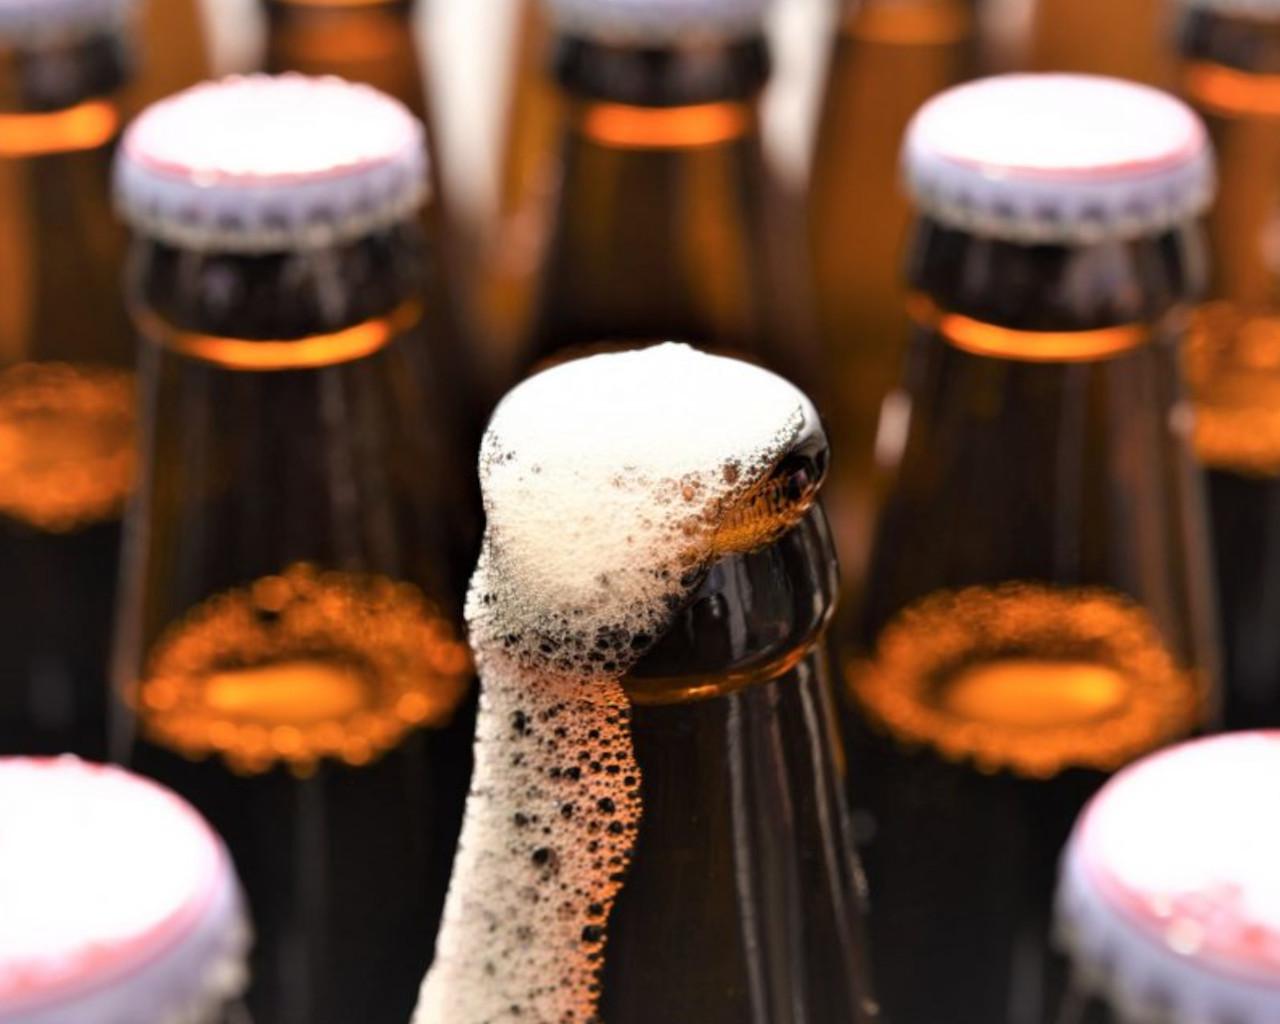 μπυρα,μπυρα χωρις θερμιδες,μπυρα χωρις αλκοολ,μπυρα μαρκες,μπυρα βεργινα,μπυρα μπουκαλια